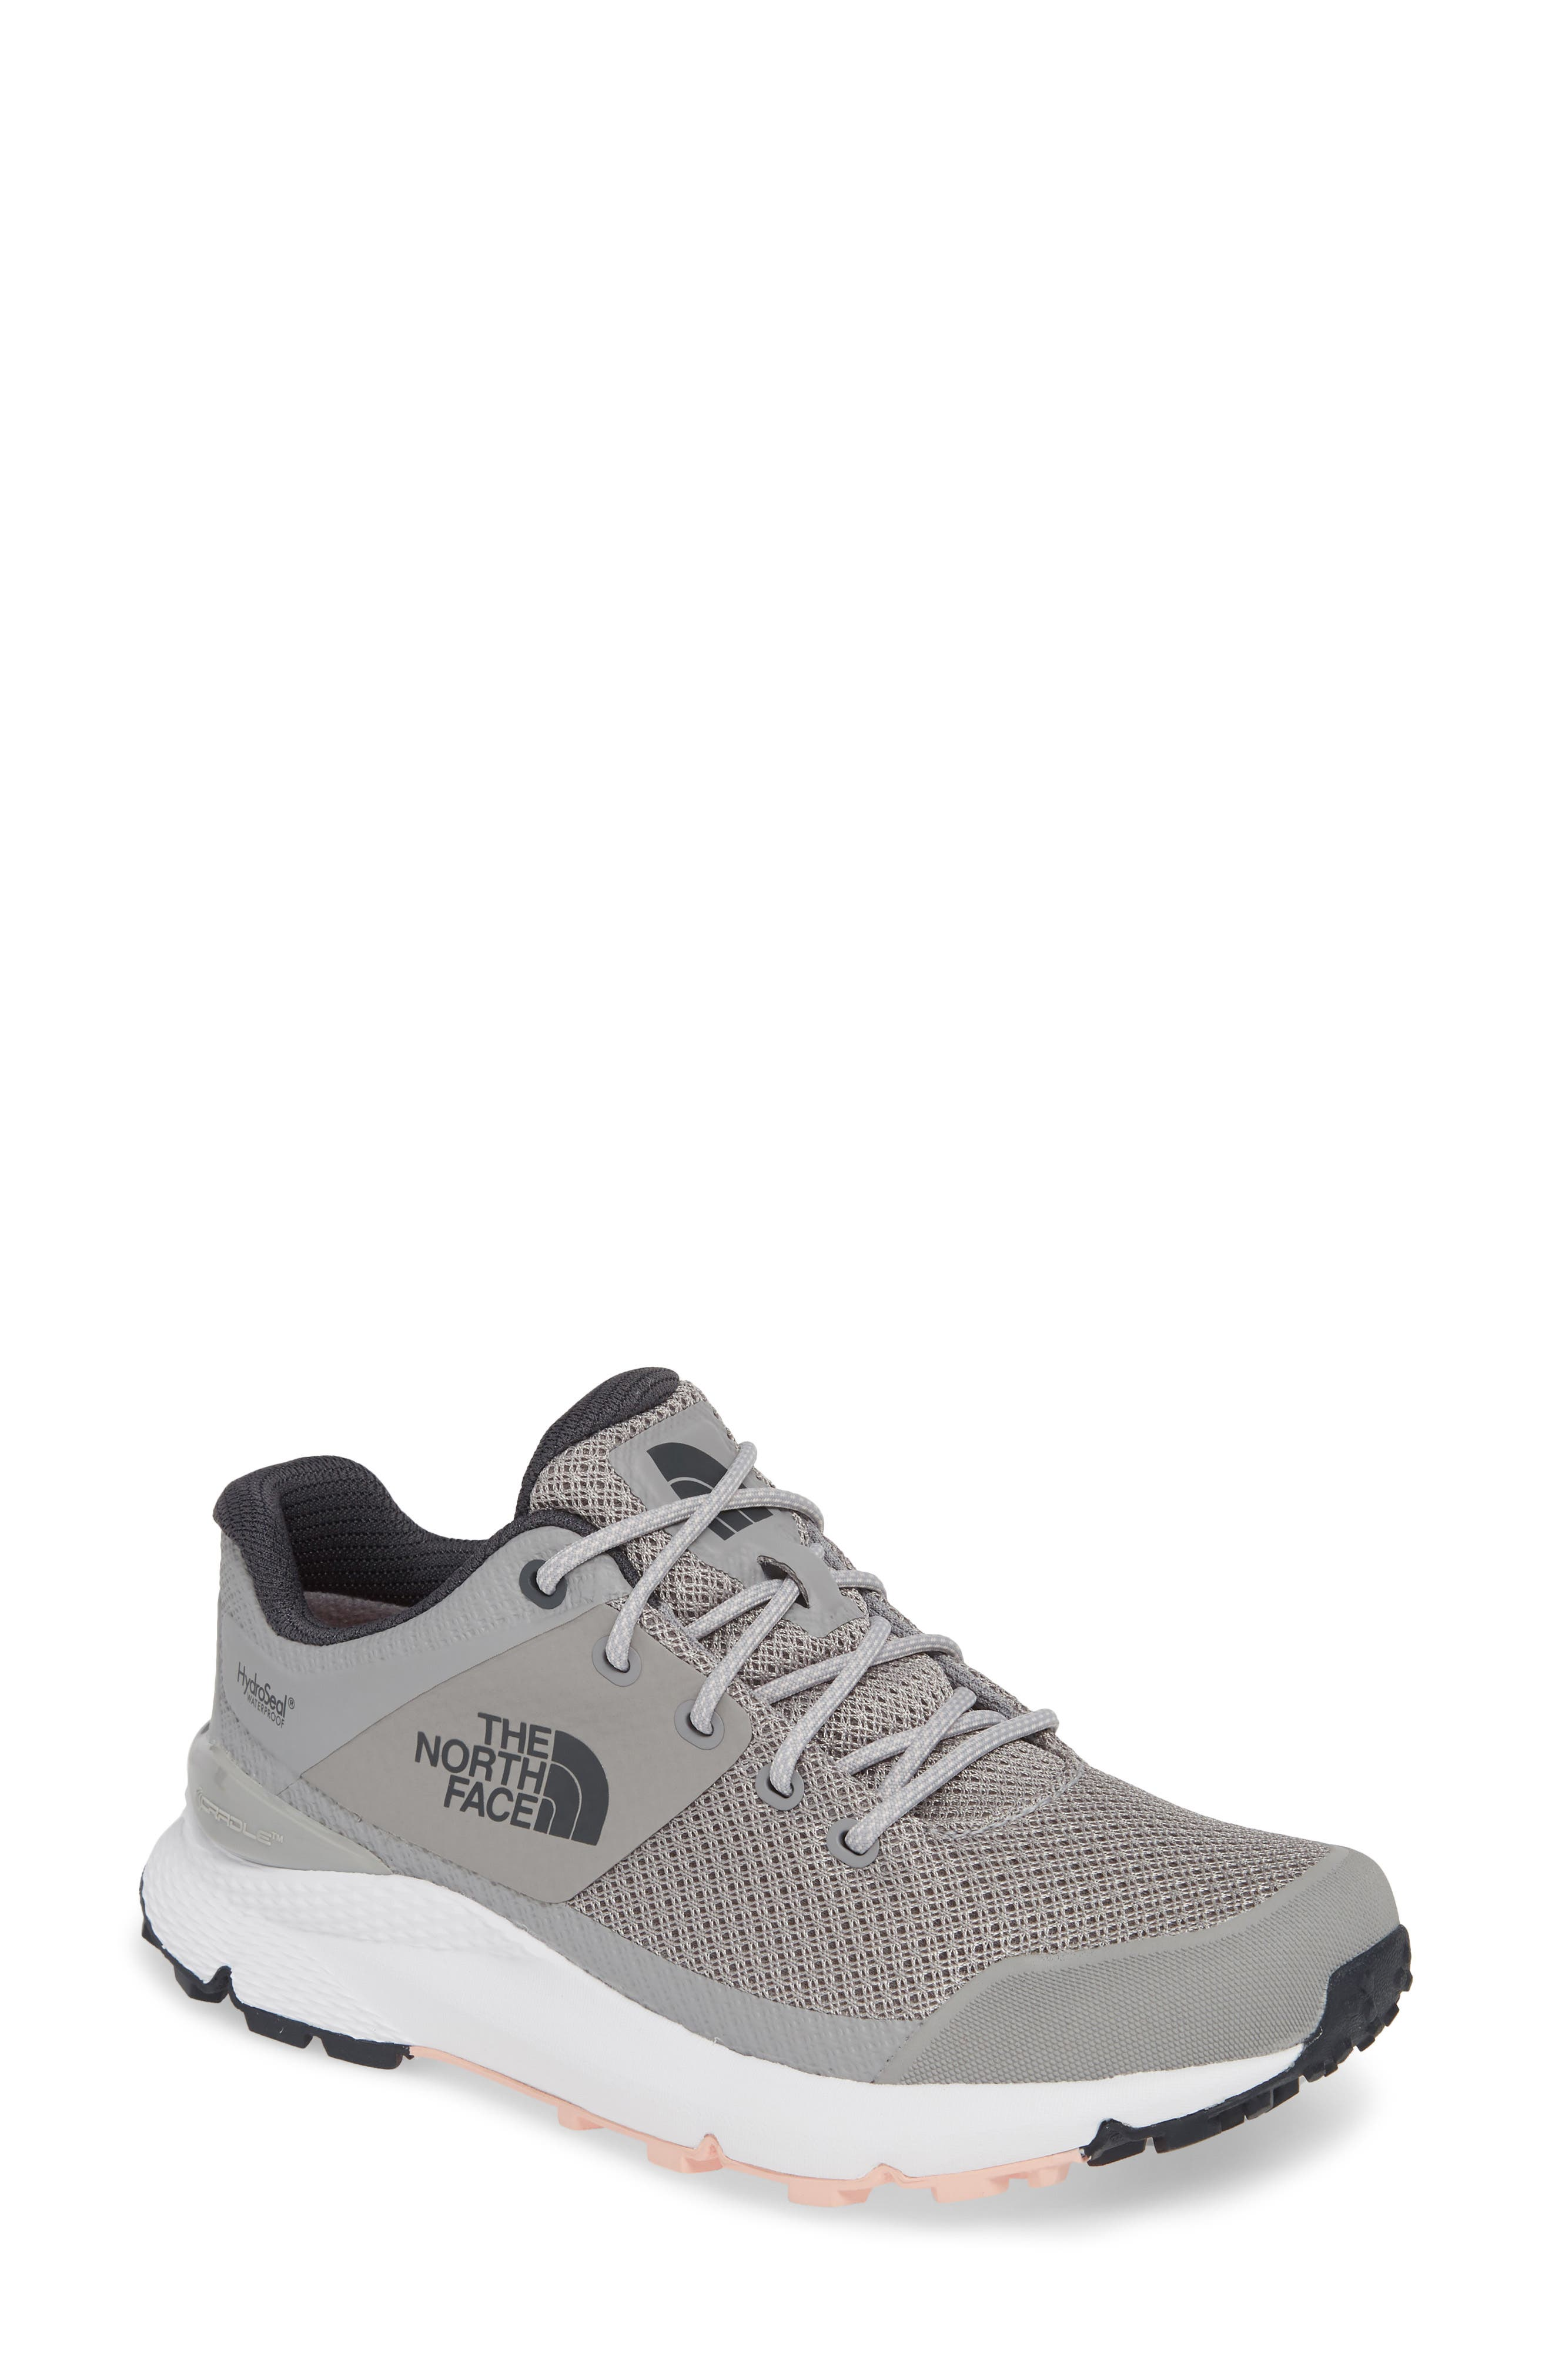 Vals Waterproof Hiking Sneaker, Main, color, MELD GREY/ PINK SALT